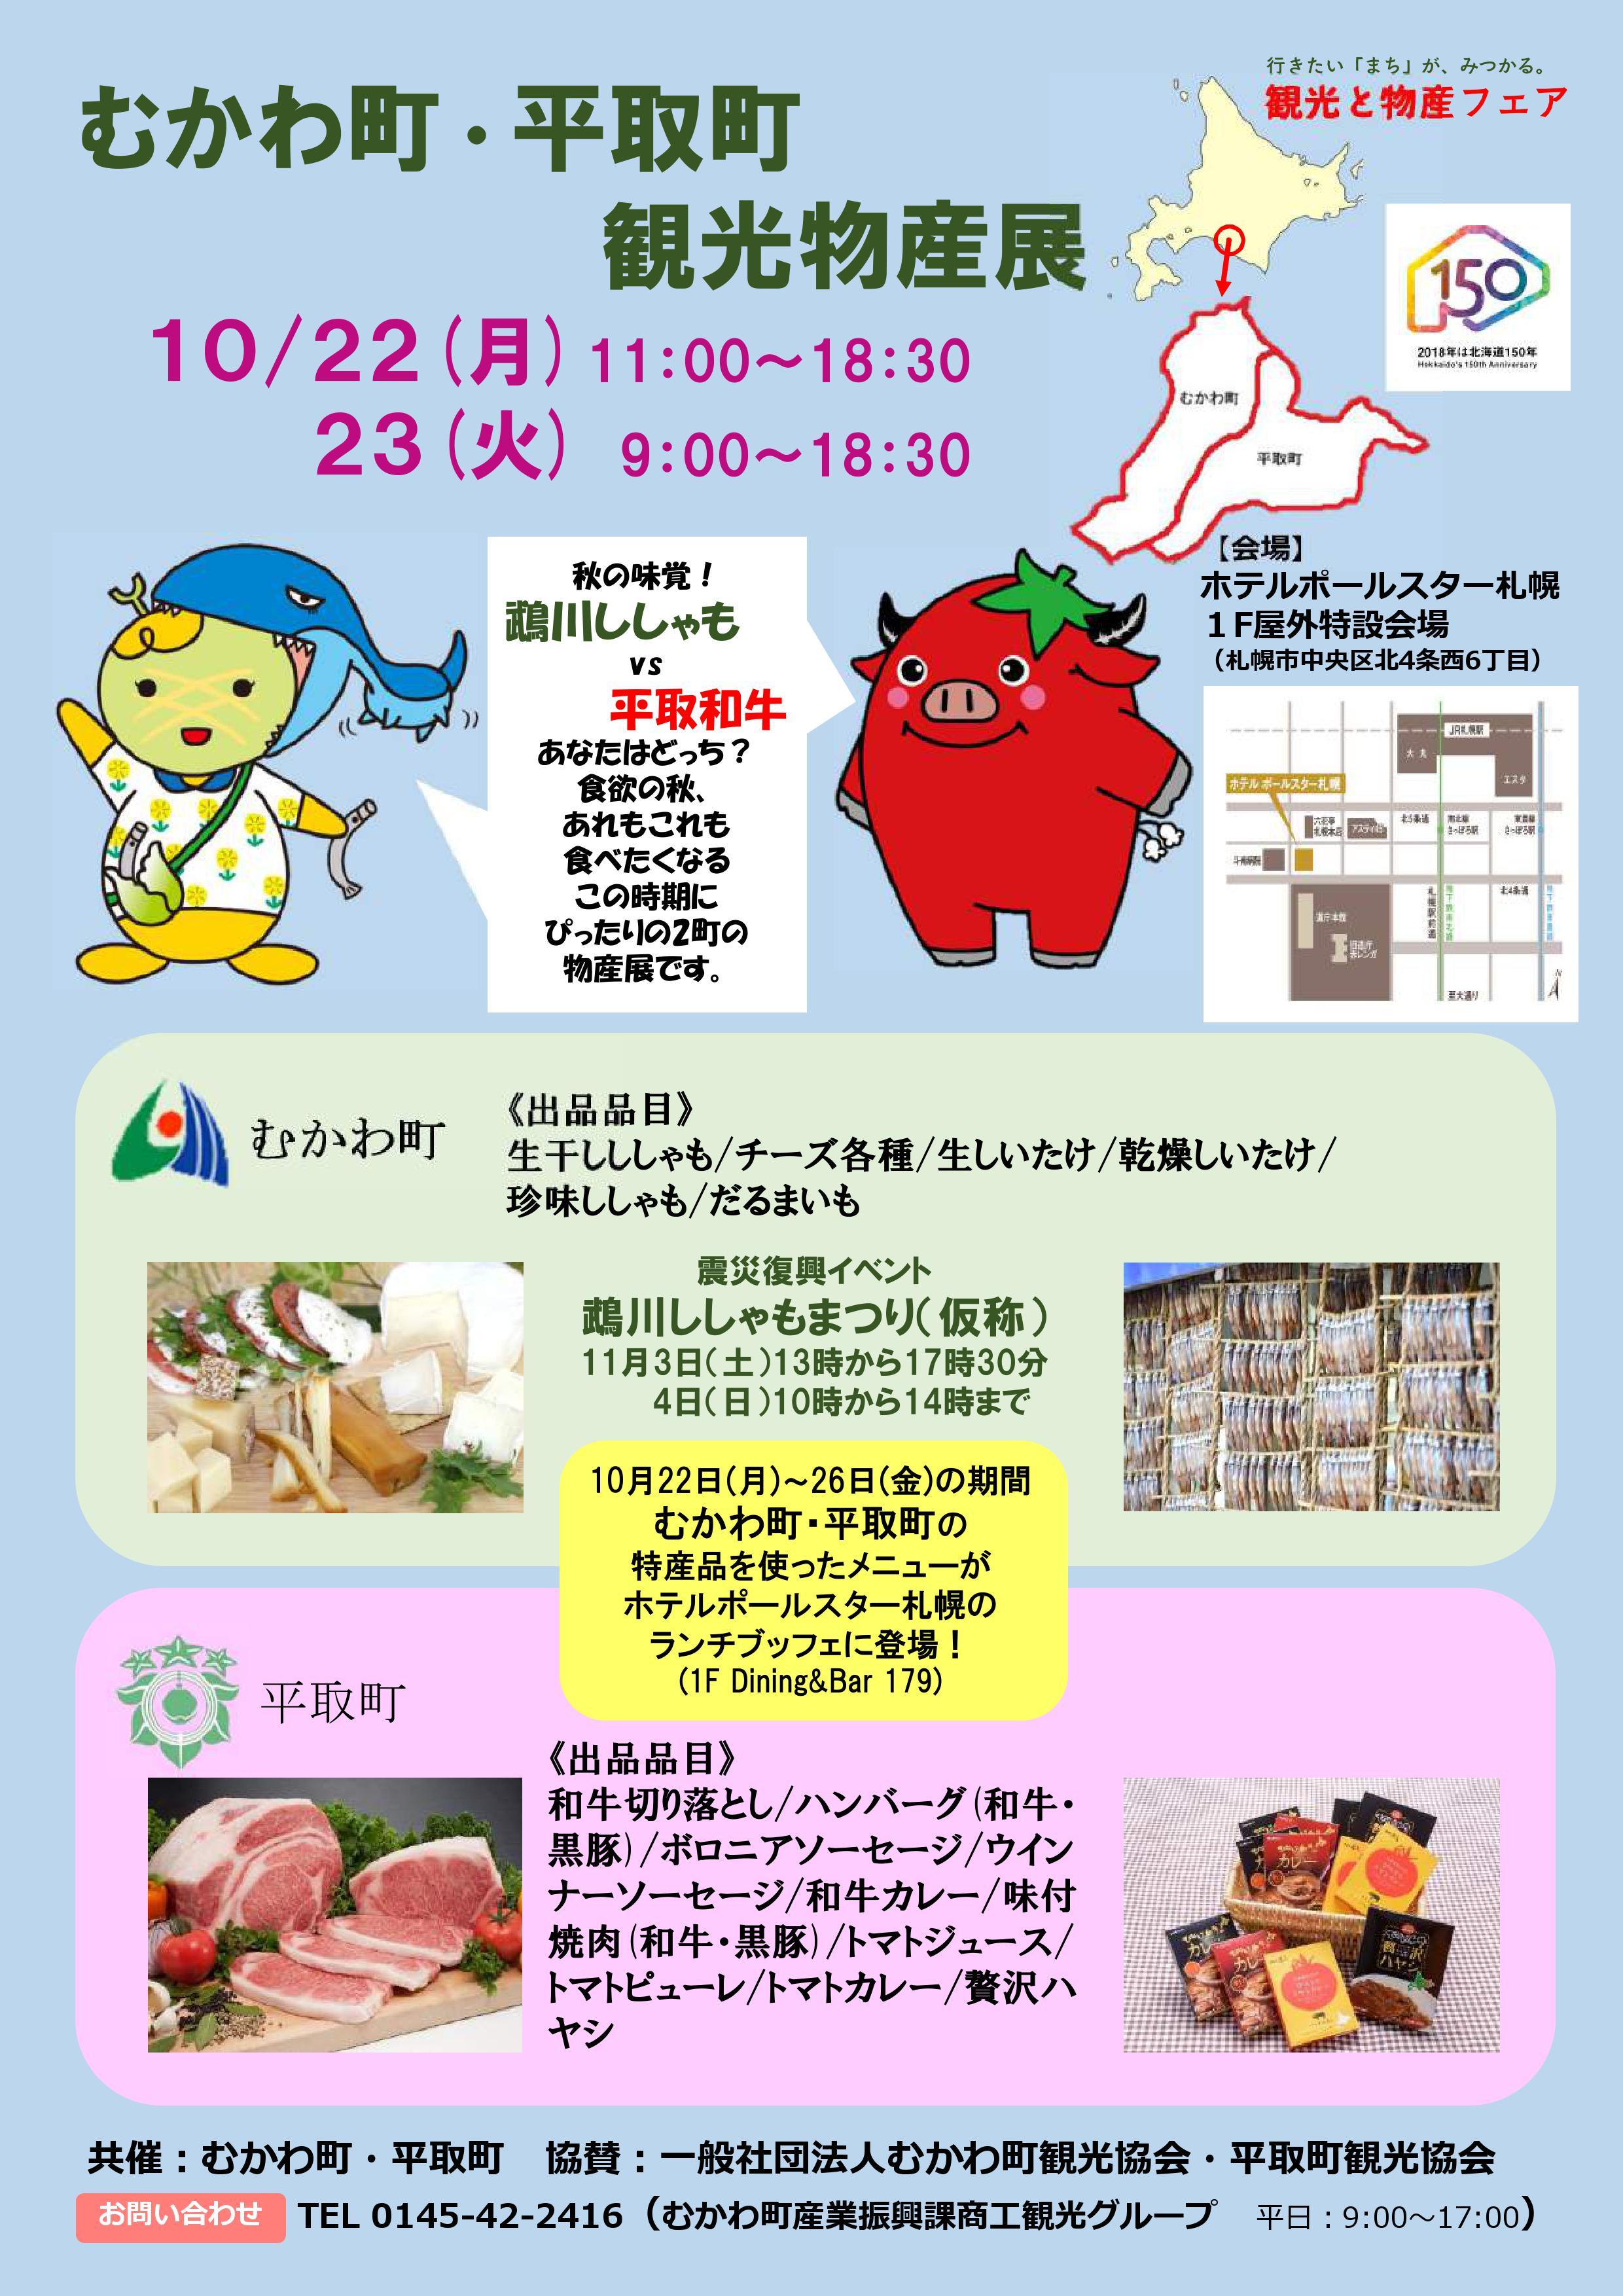 むかわ町・平取町観光物産展(10月22・23日)が開かれます。